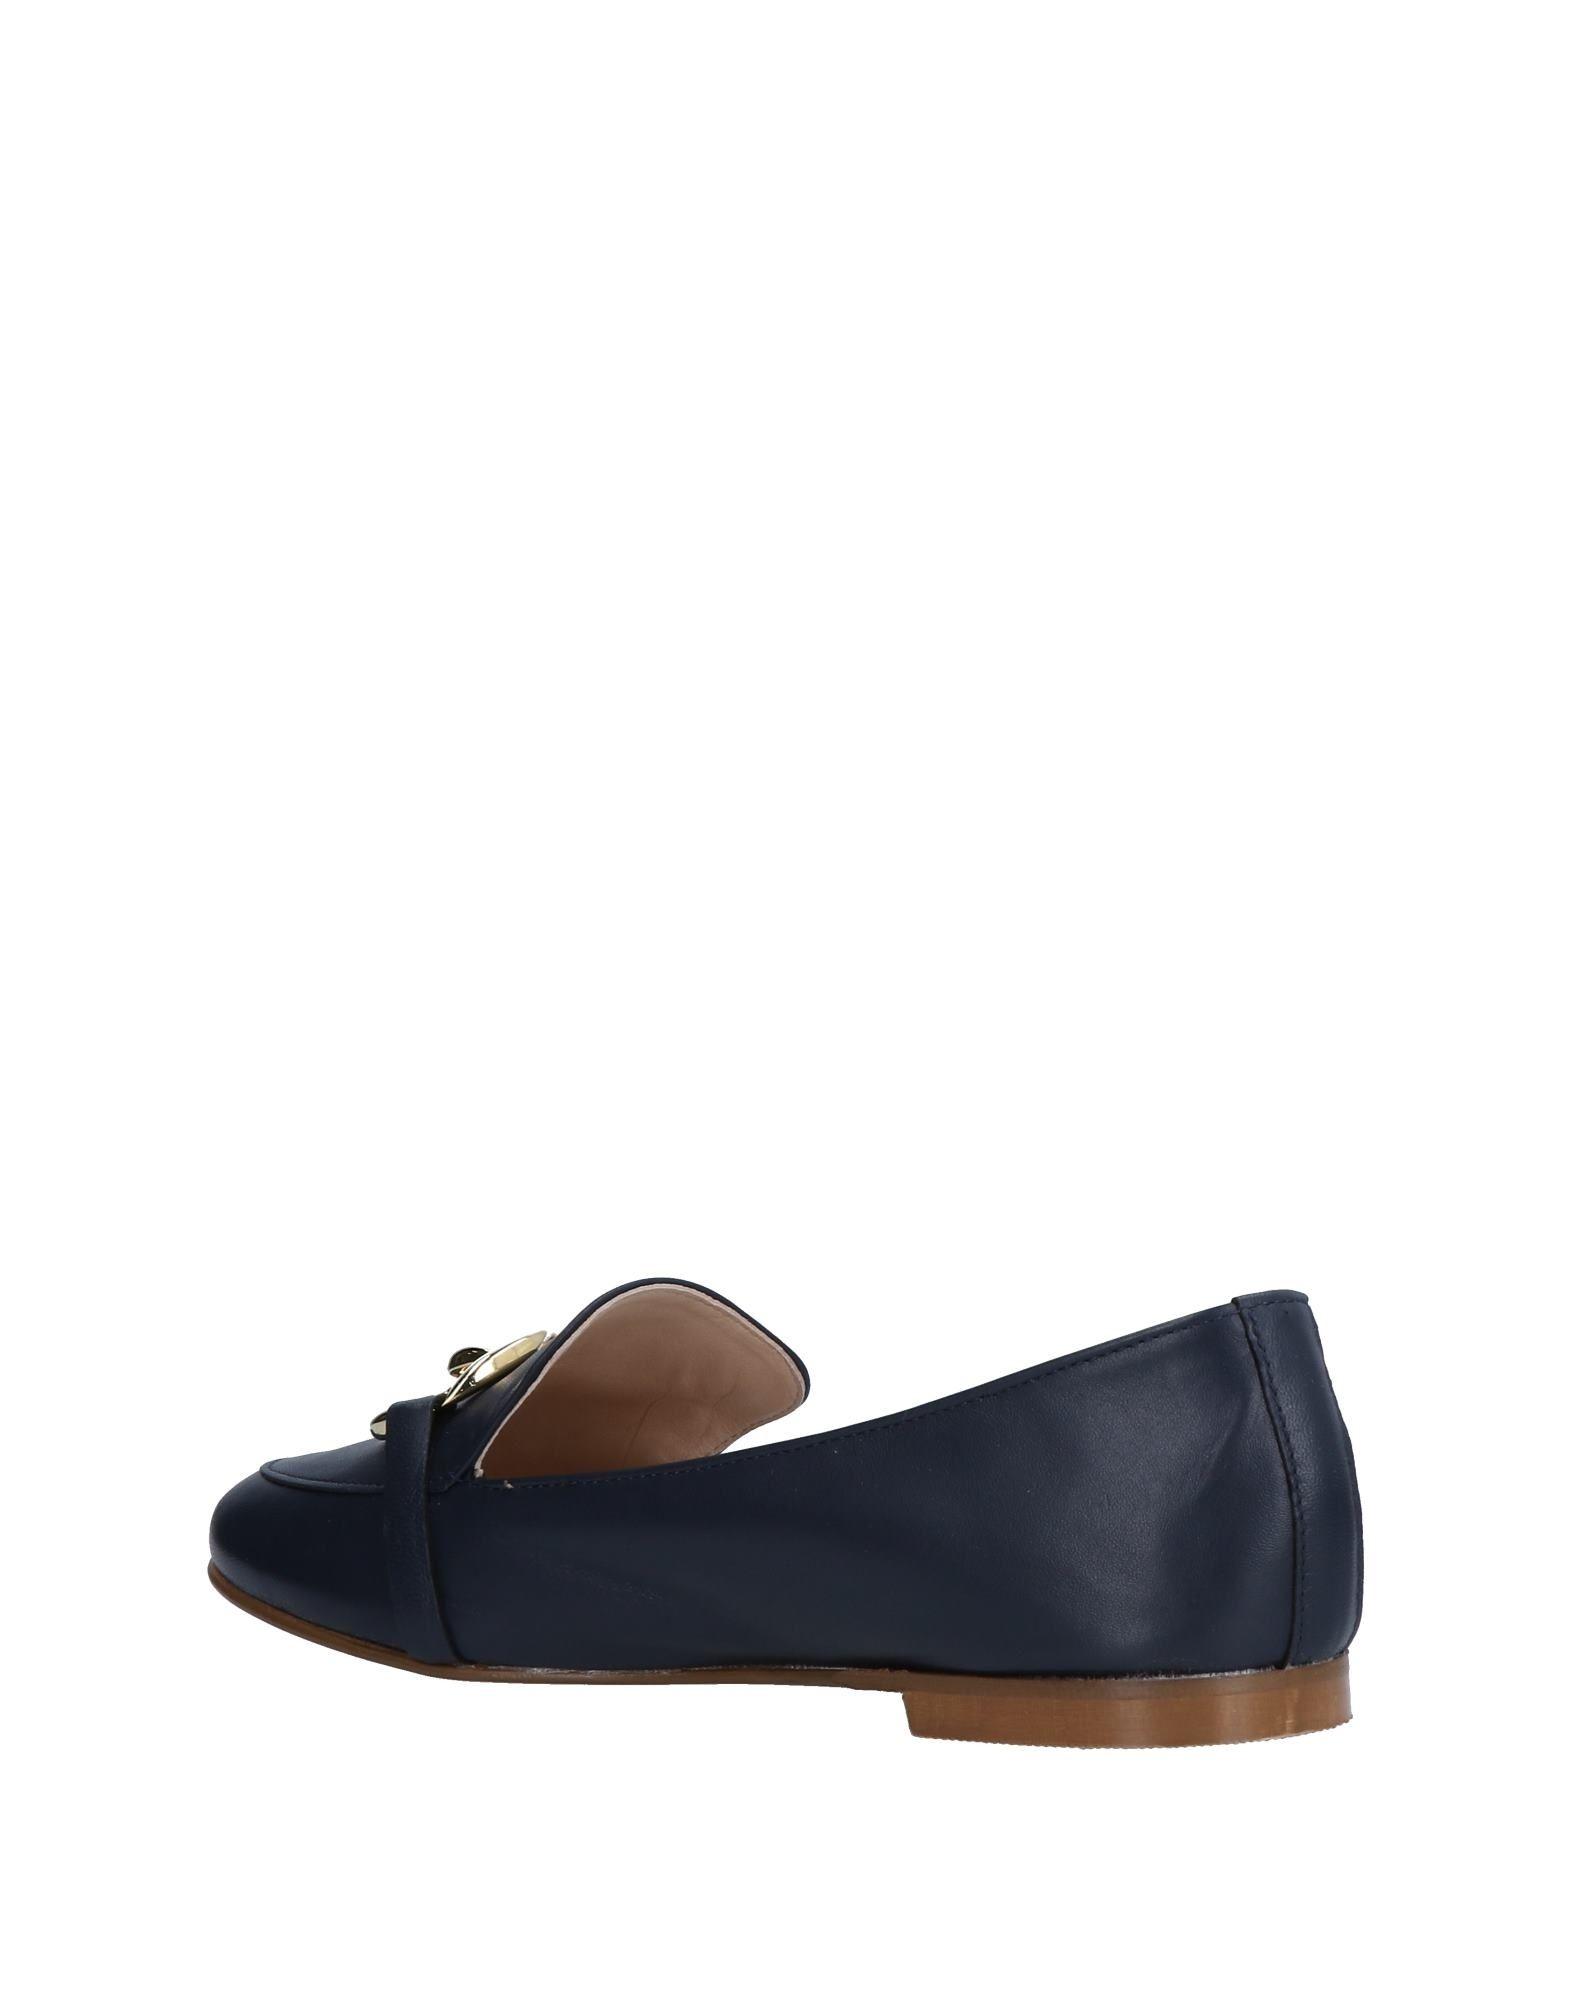 Cantarelli Mokassins 11516301RS Damen 11516301RS Mokassins Gute Qualität beliebte Schuhe aa9b9c